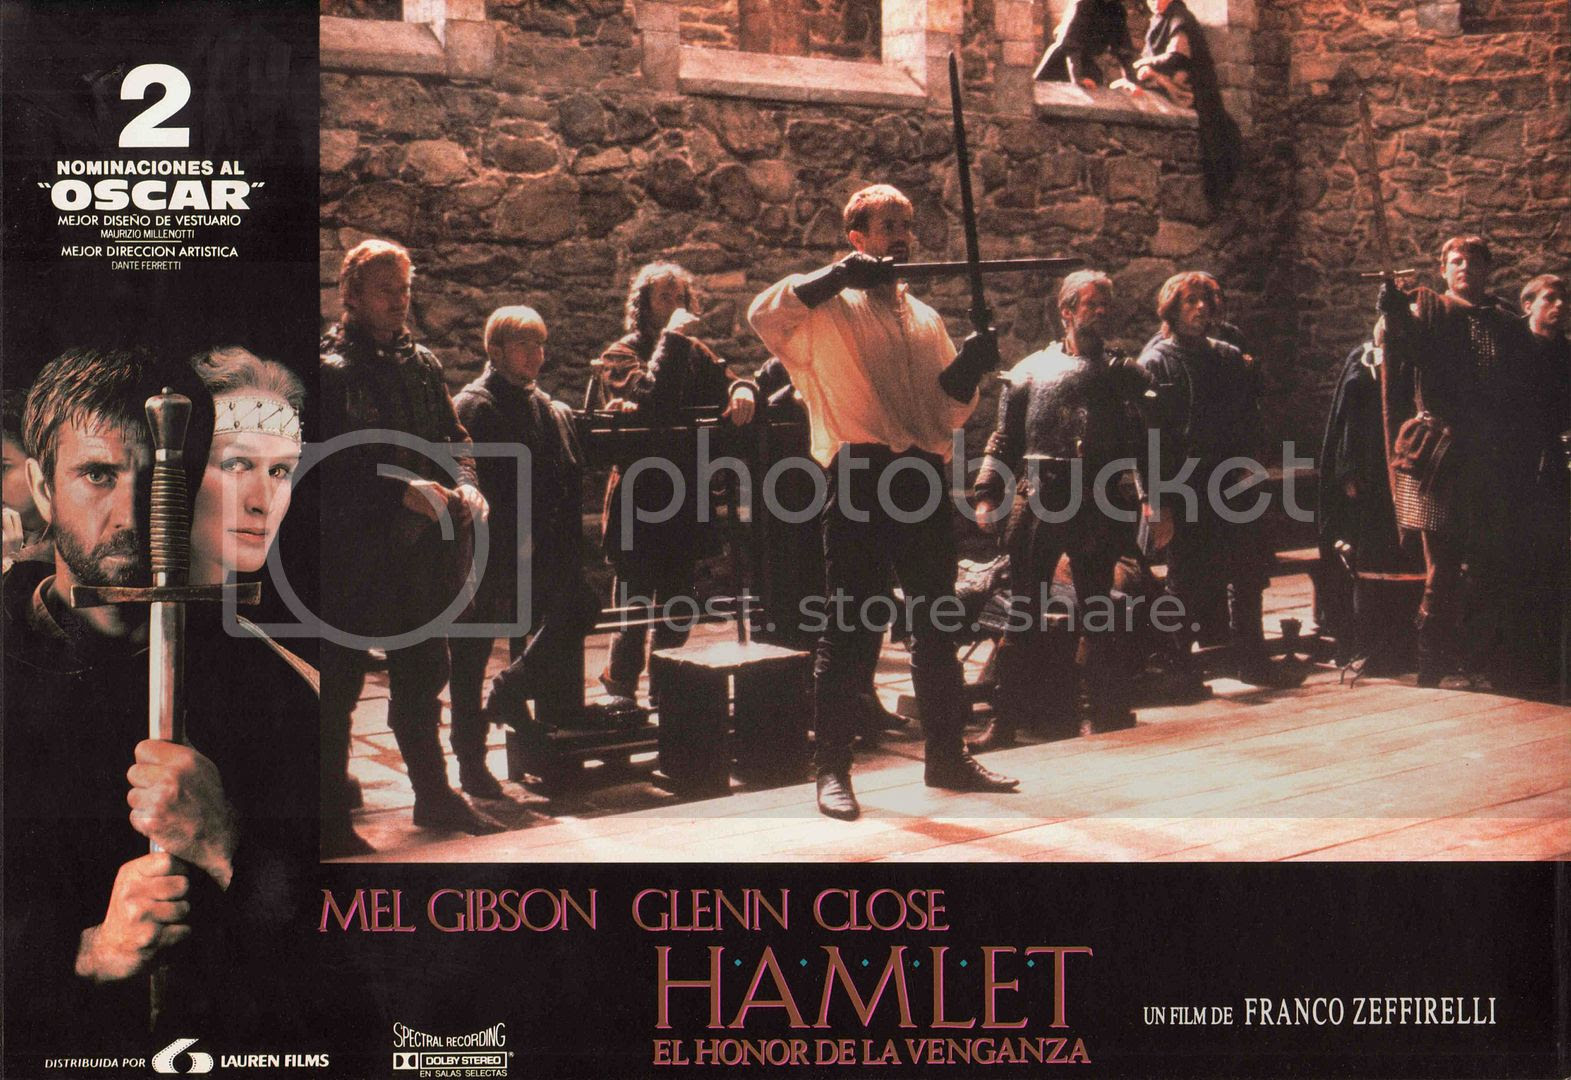 photo poster_hamlet-5.jpg